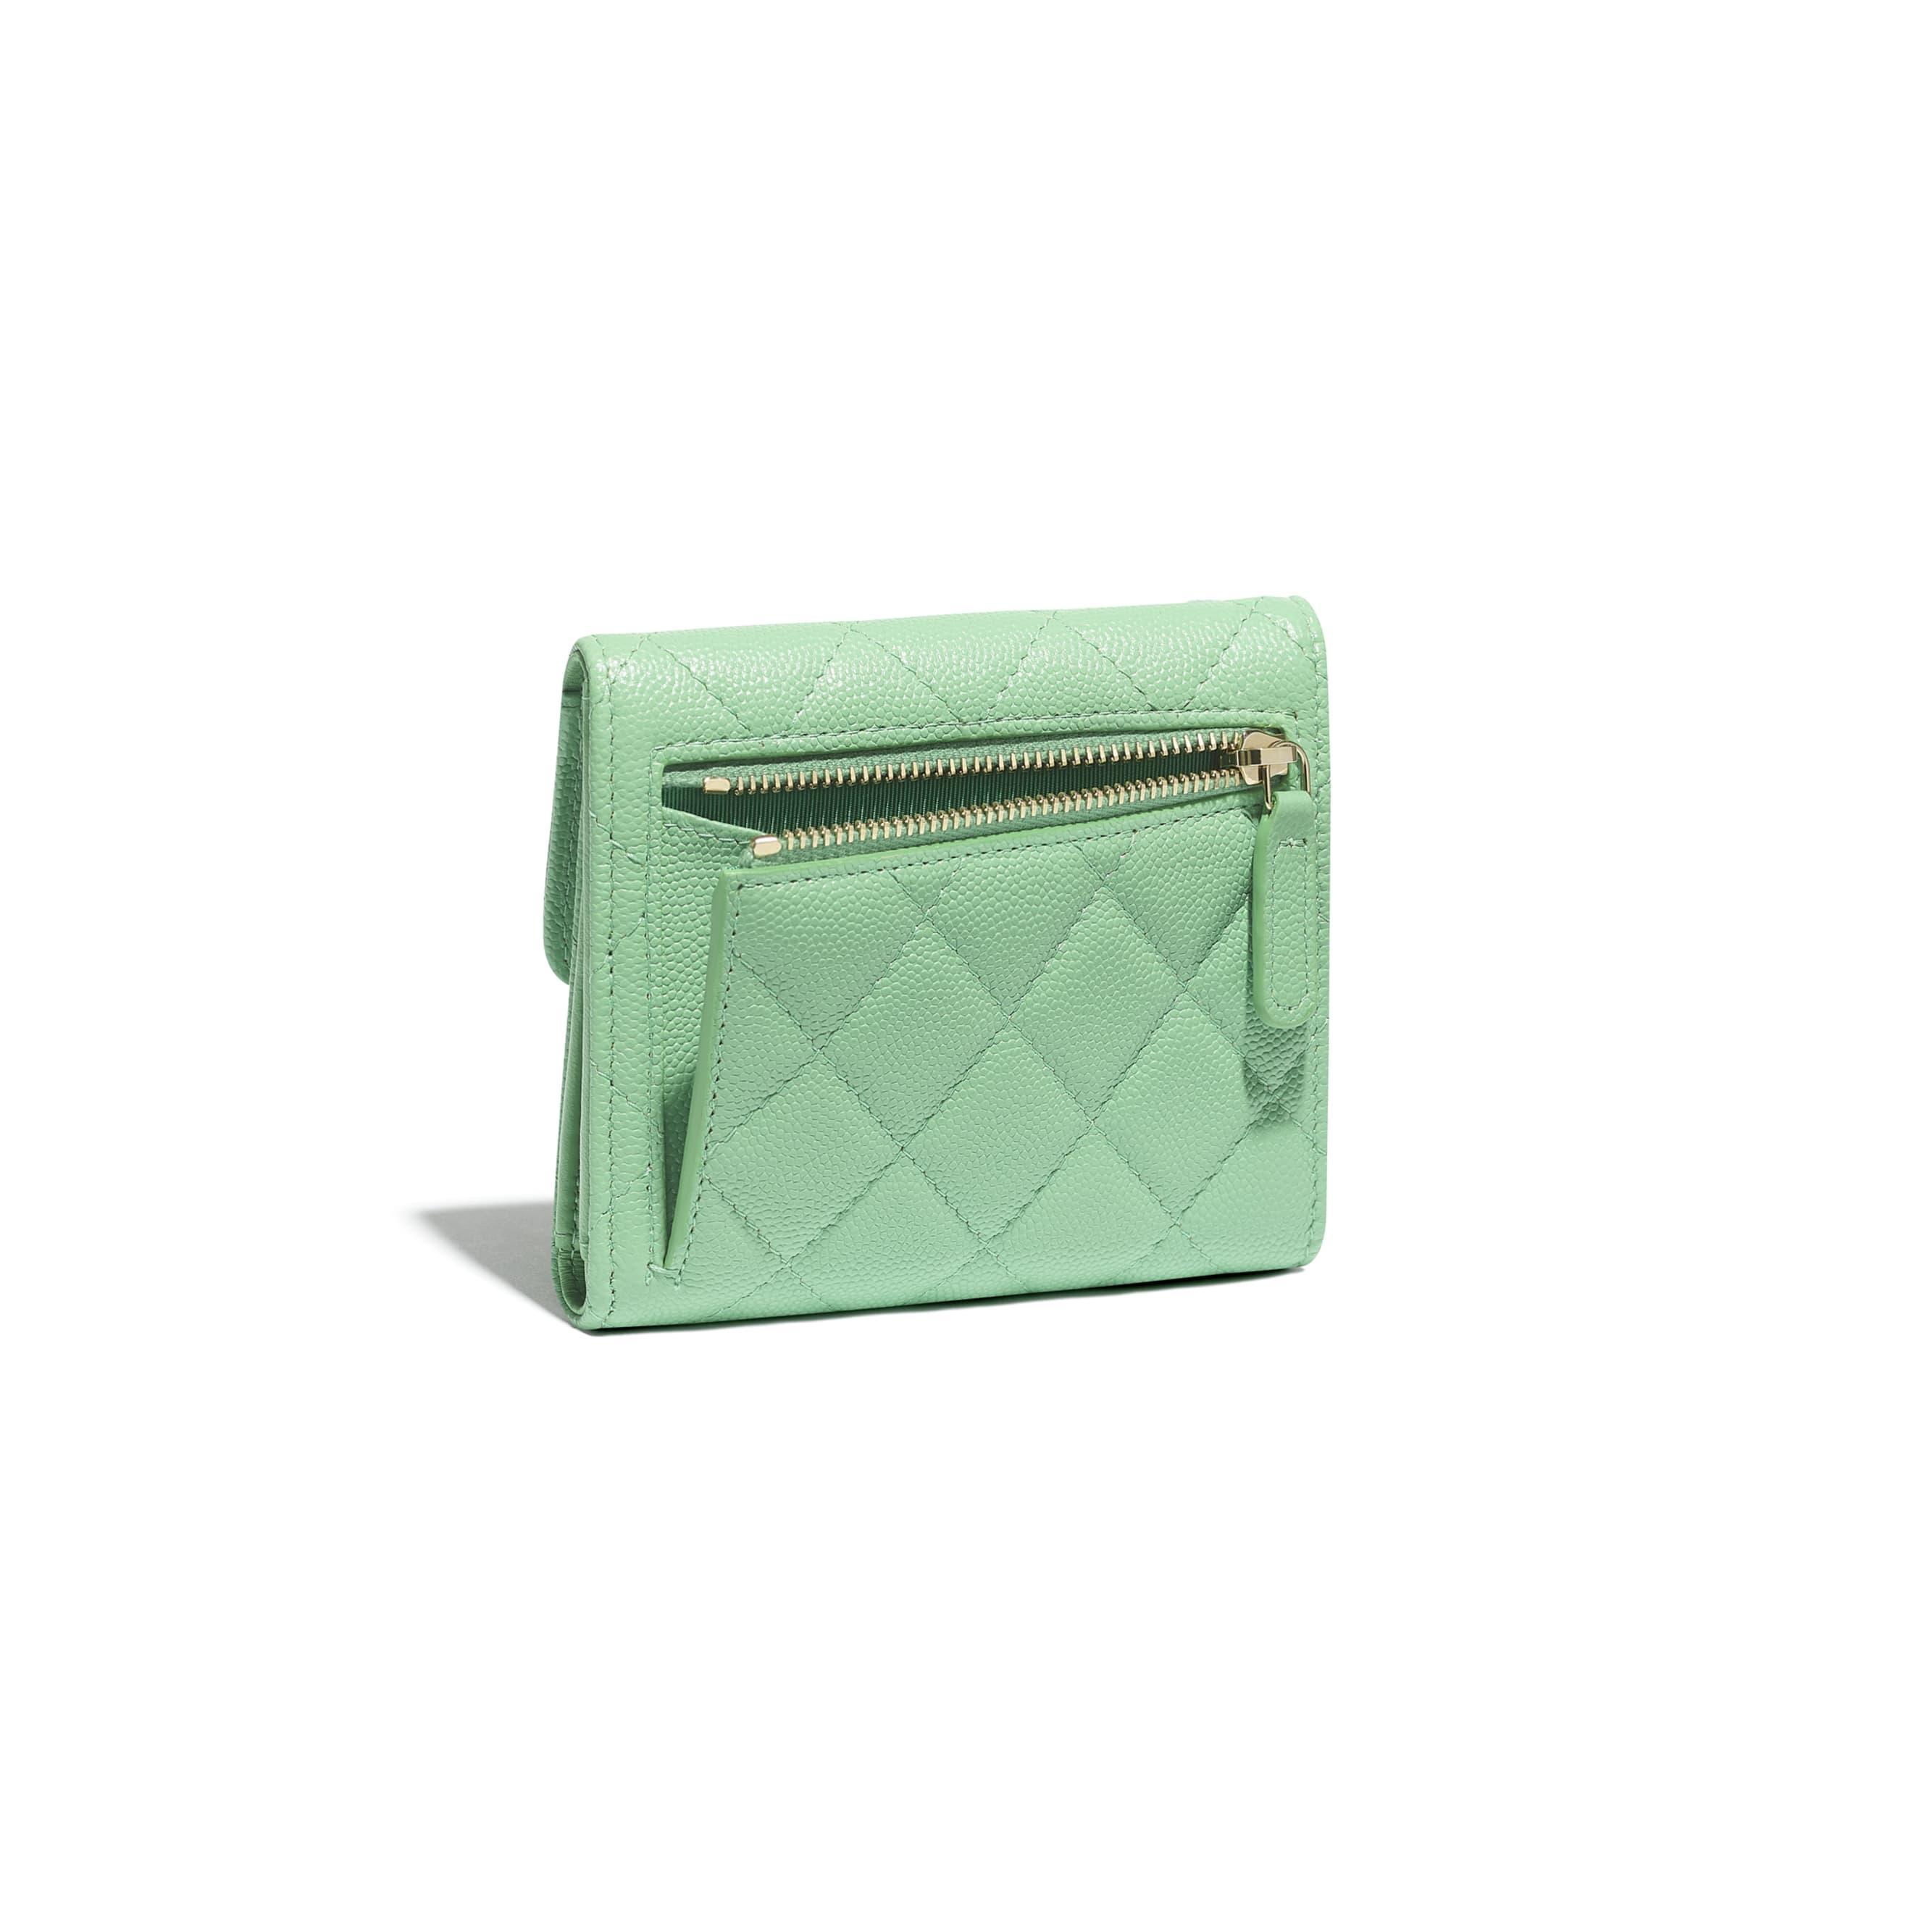 Portafoglio classico piccolo - Verde - Pelle martellata & metallo effetto dorato - CHANEL - Immagine extra - vedere versione standard